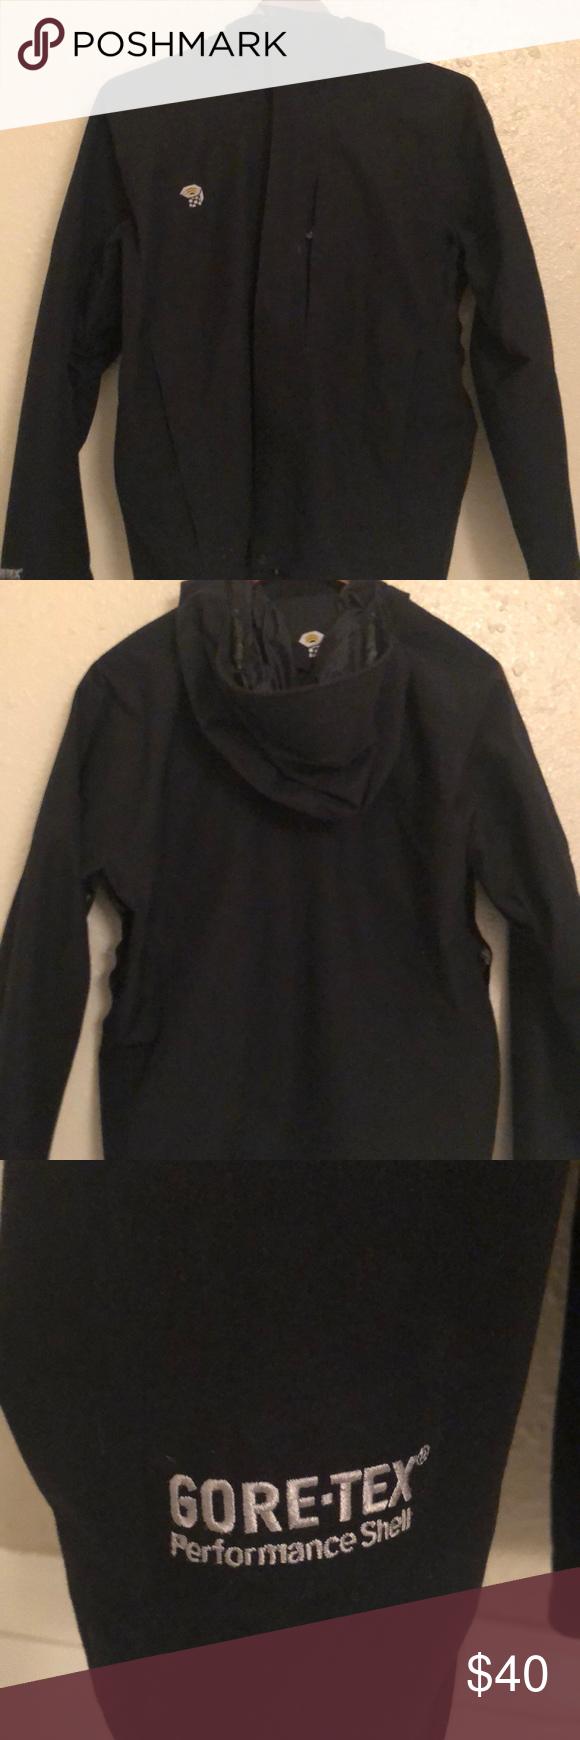 Mountain Hardwear Men S Jacket Mountain Hardwear Jacket Jackets Shell Jacket [ 1740 x 580 Pixel ]